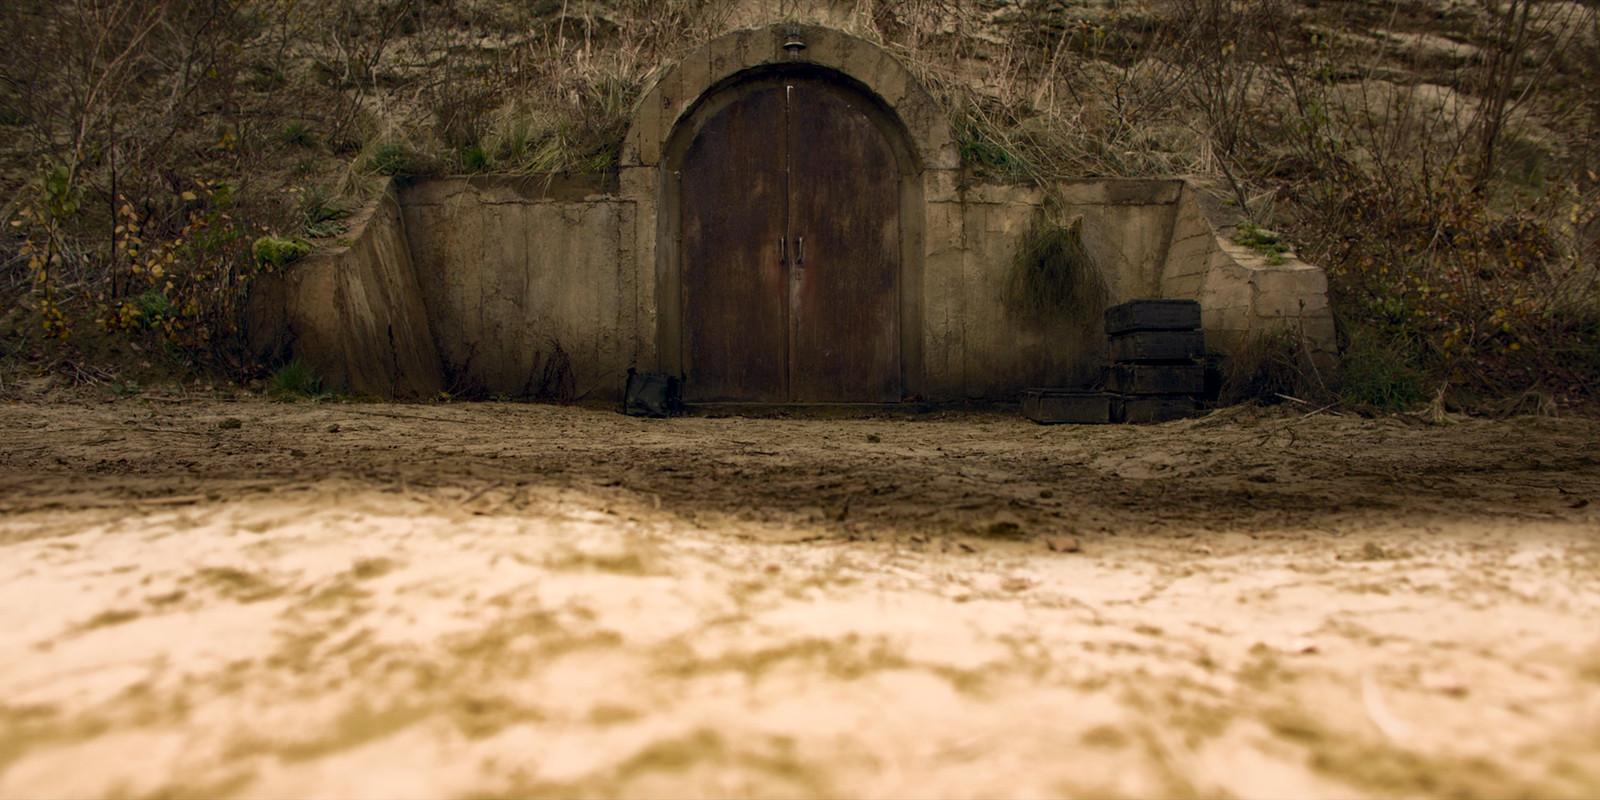 Le bunker dans lequel les passagers sont confinés.